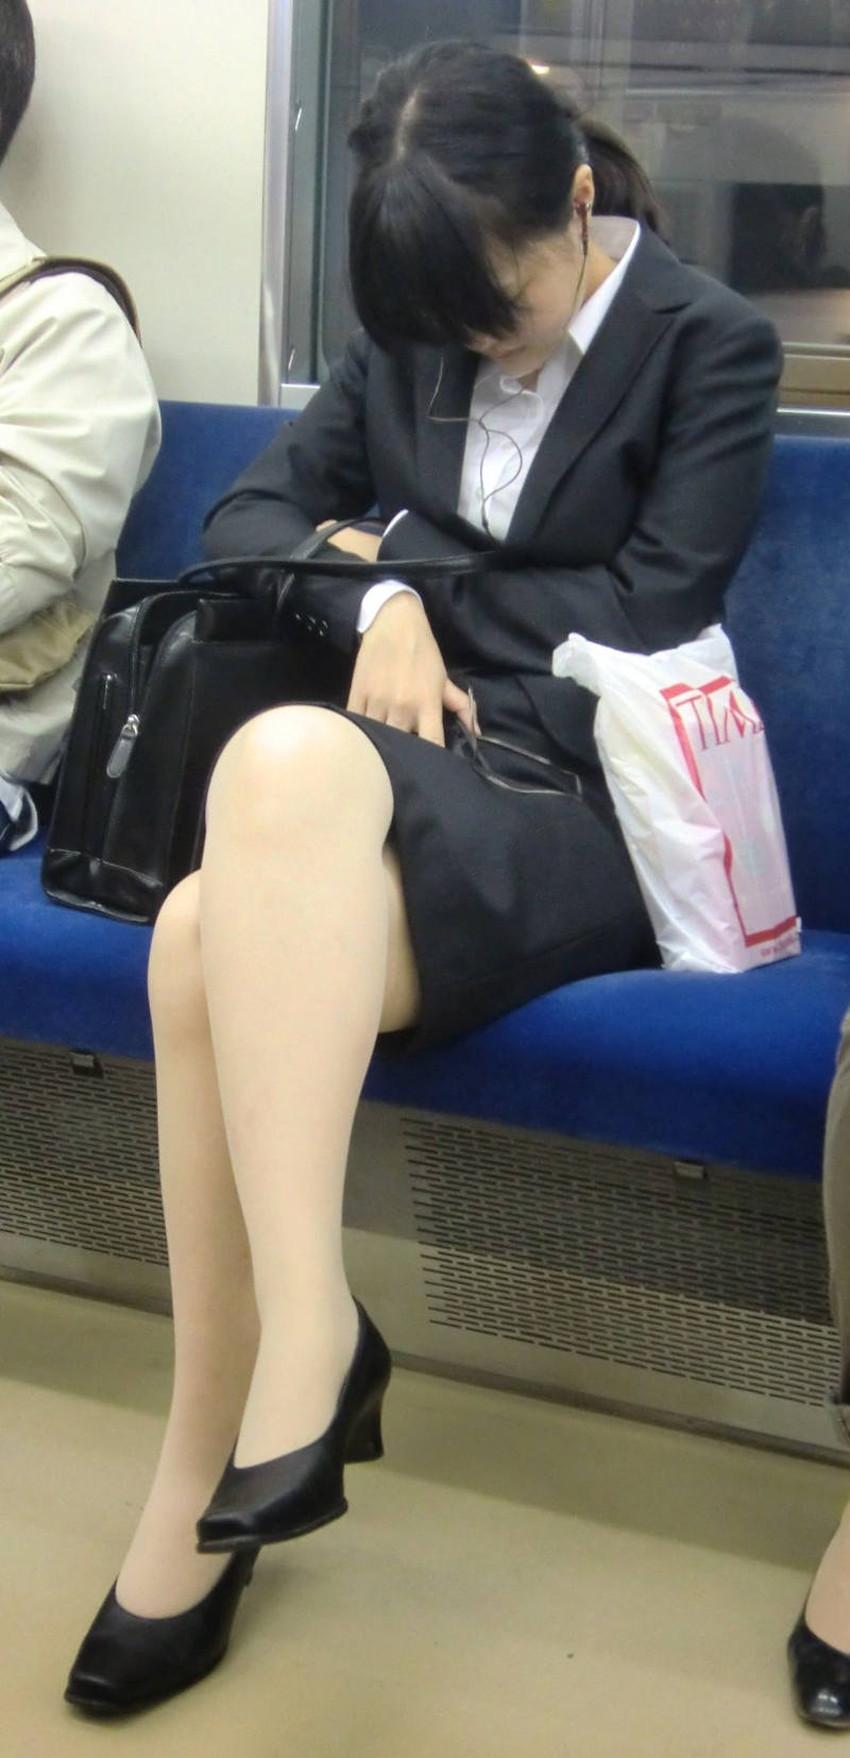 【足組みエロ画像】パンティー見えそうで見えない美脚なOLやお姉さんたちの足組みエロ画像集ww【80枚】 45